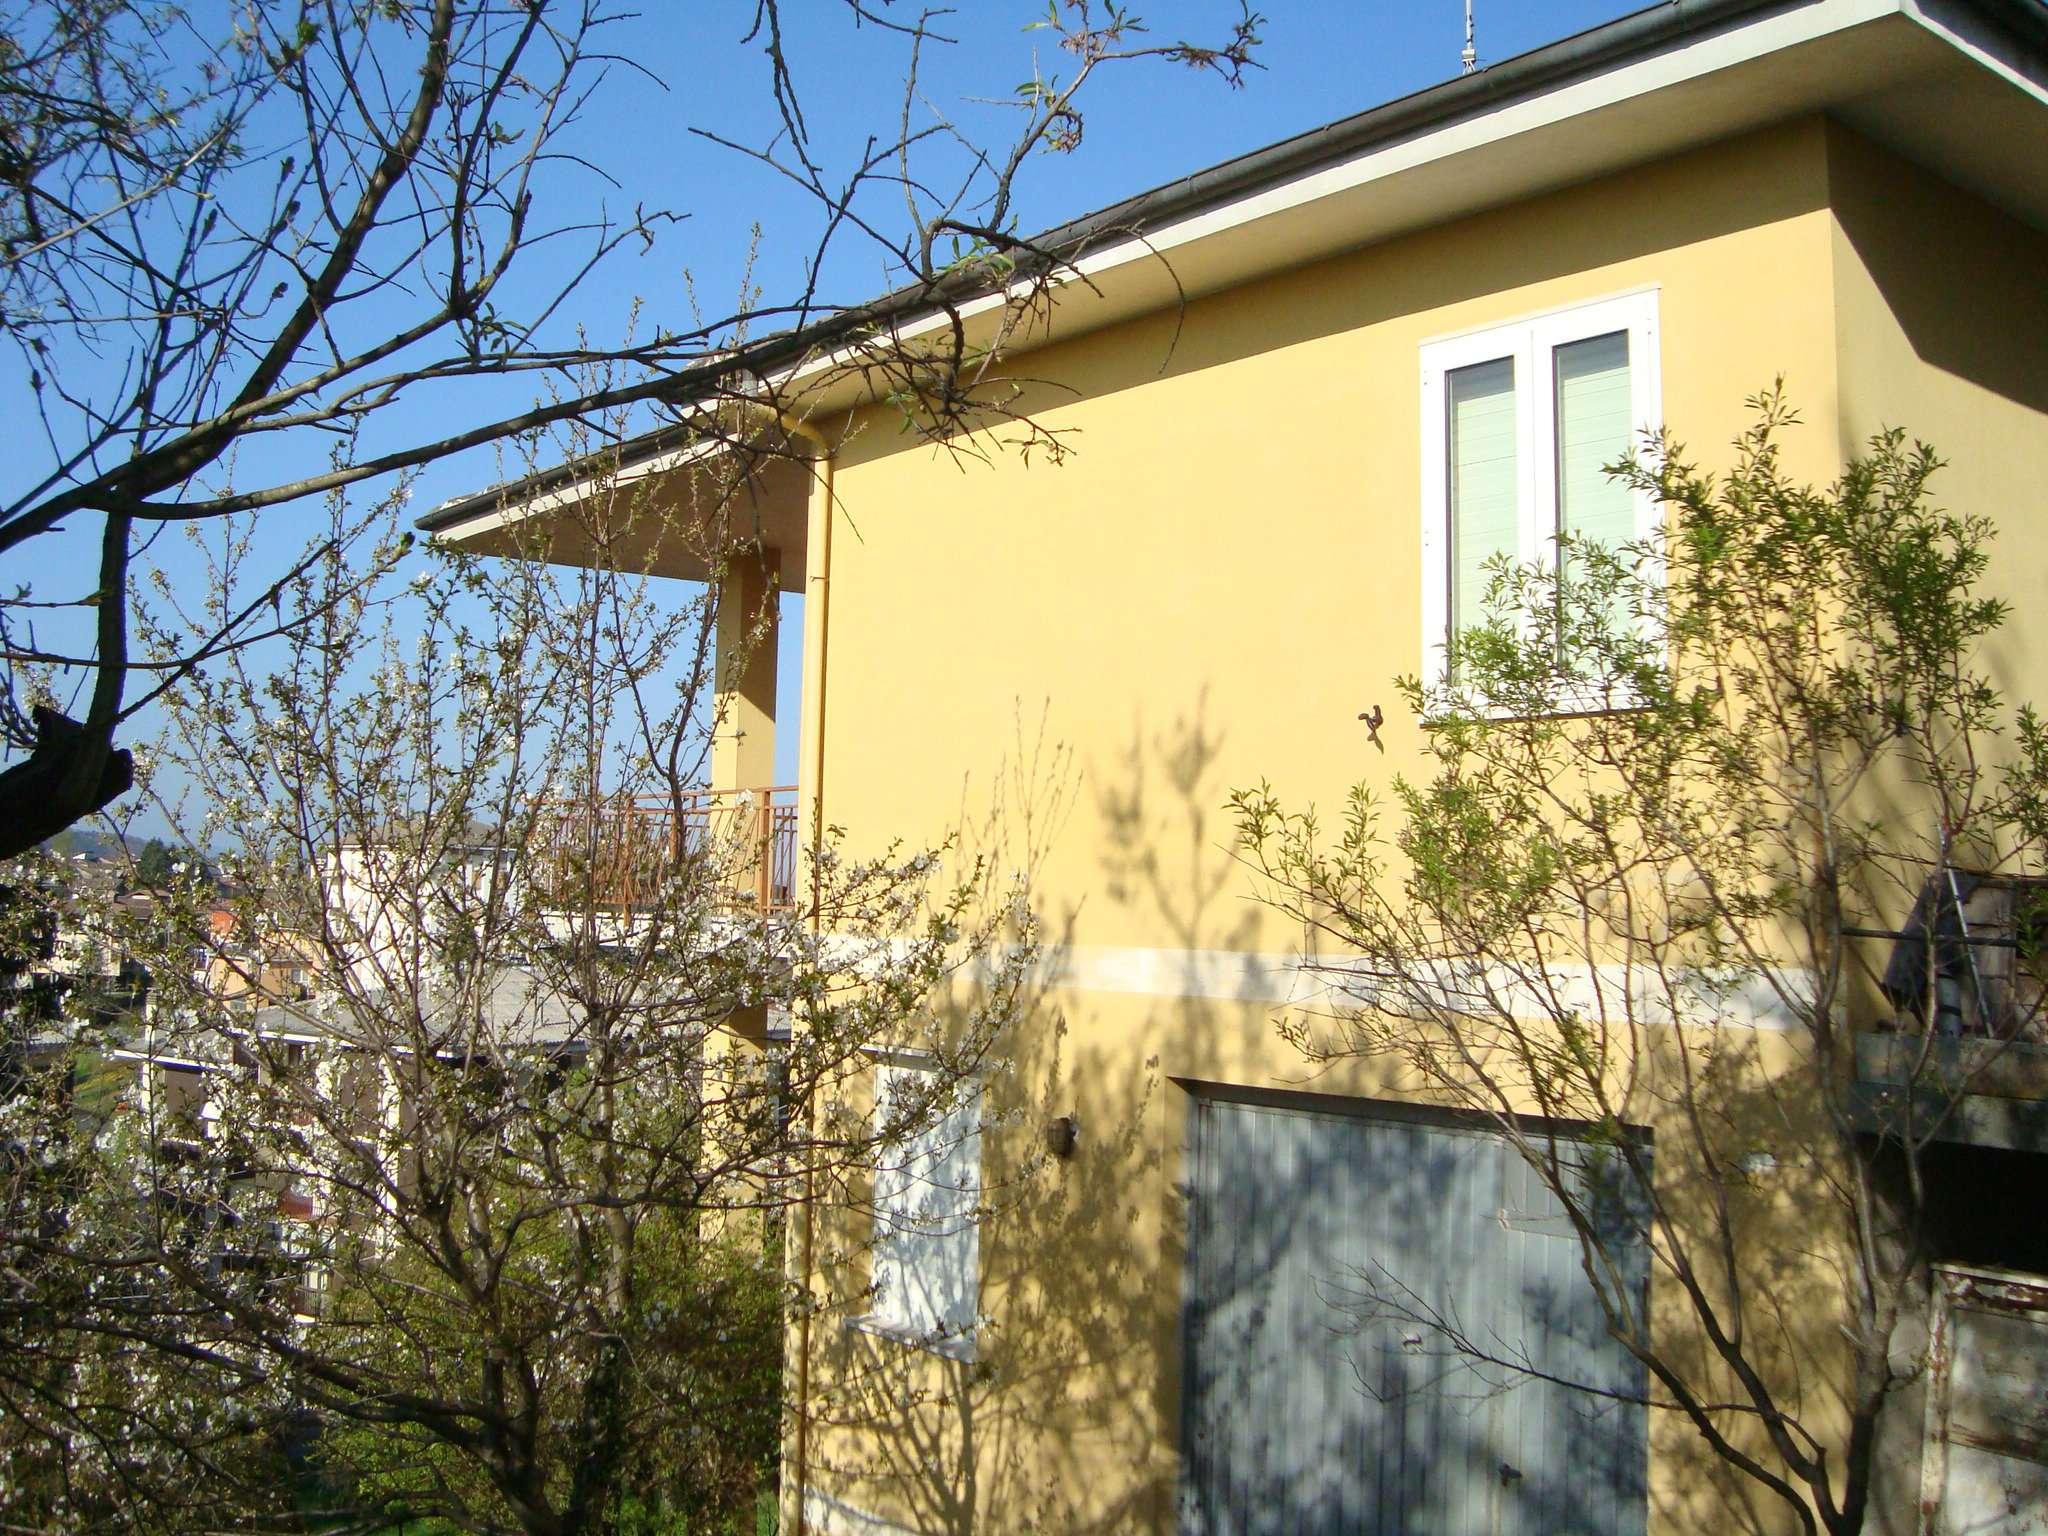 Soluzione Indipendente in vendita a Lerma, 4 locali, prezzo € 120.000 | PortaleAgenzieImmobiliari.it